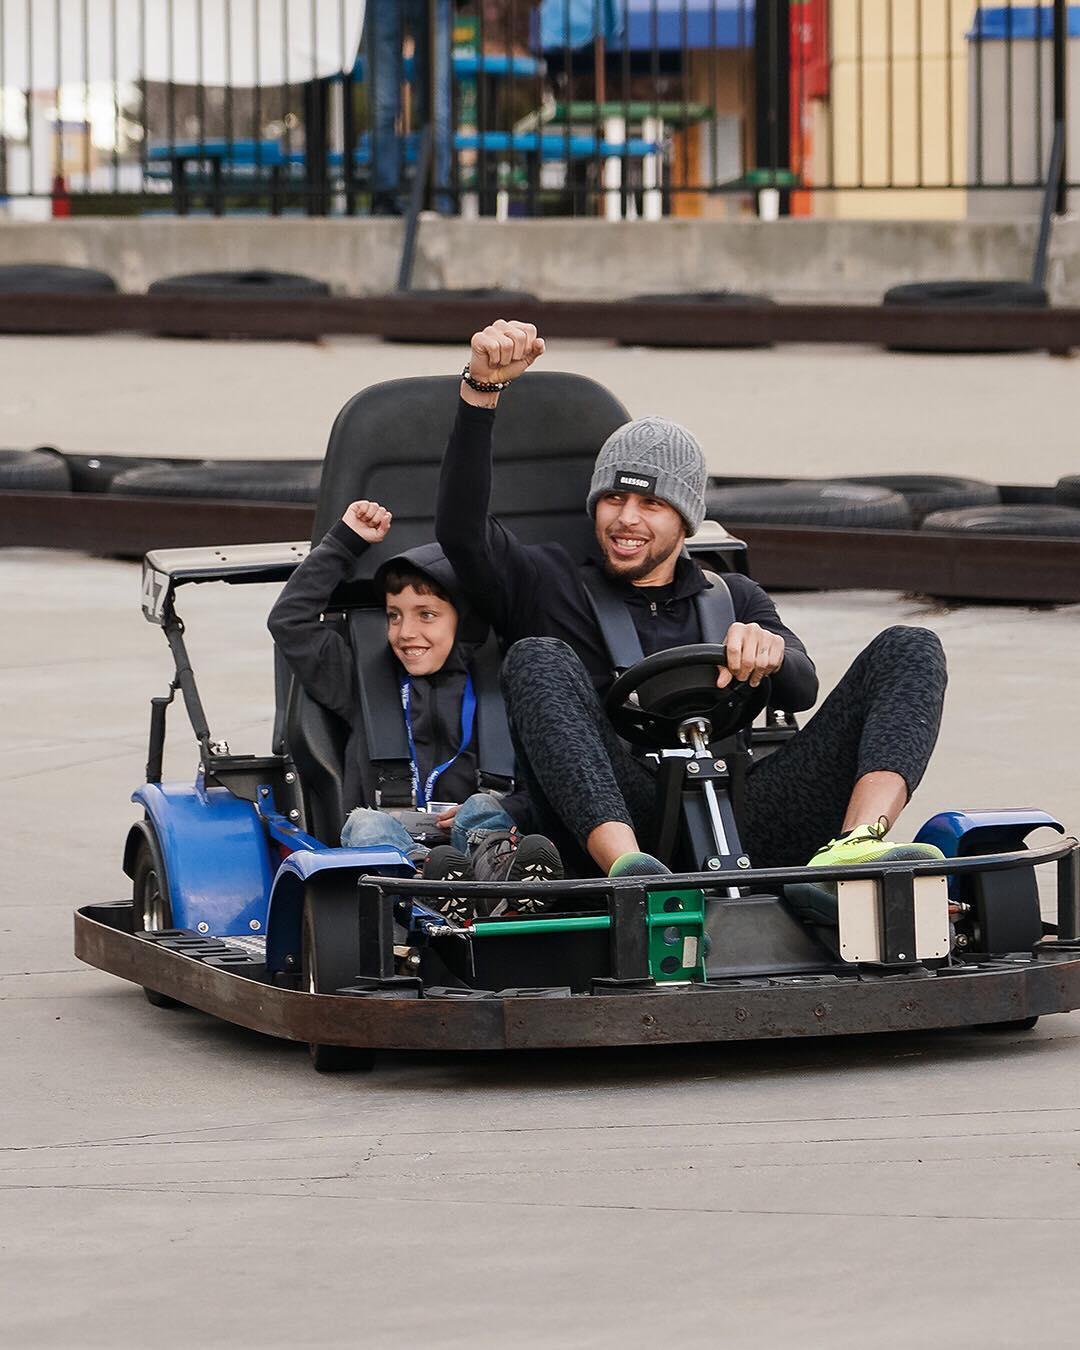 游乐场之王!库里与小球迷一起玩卡丁车